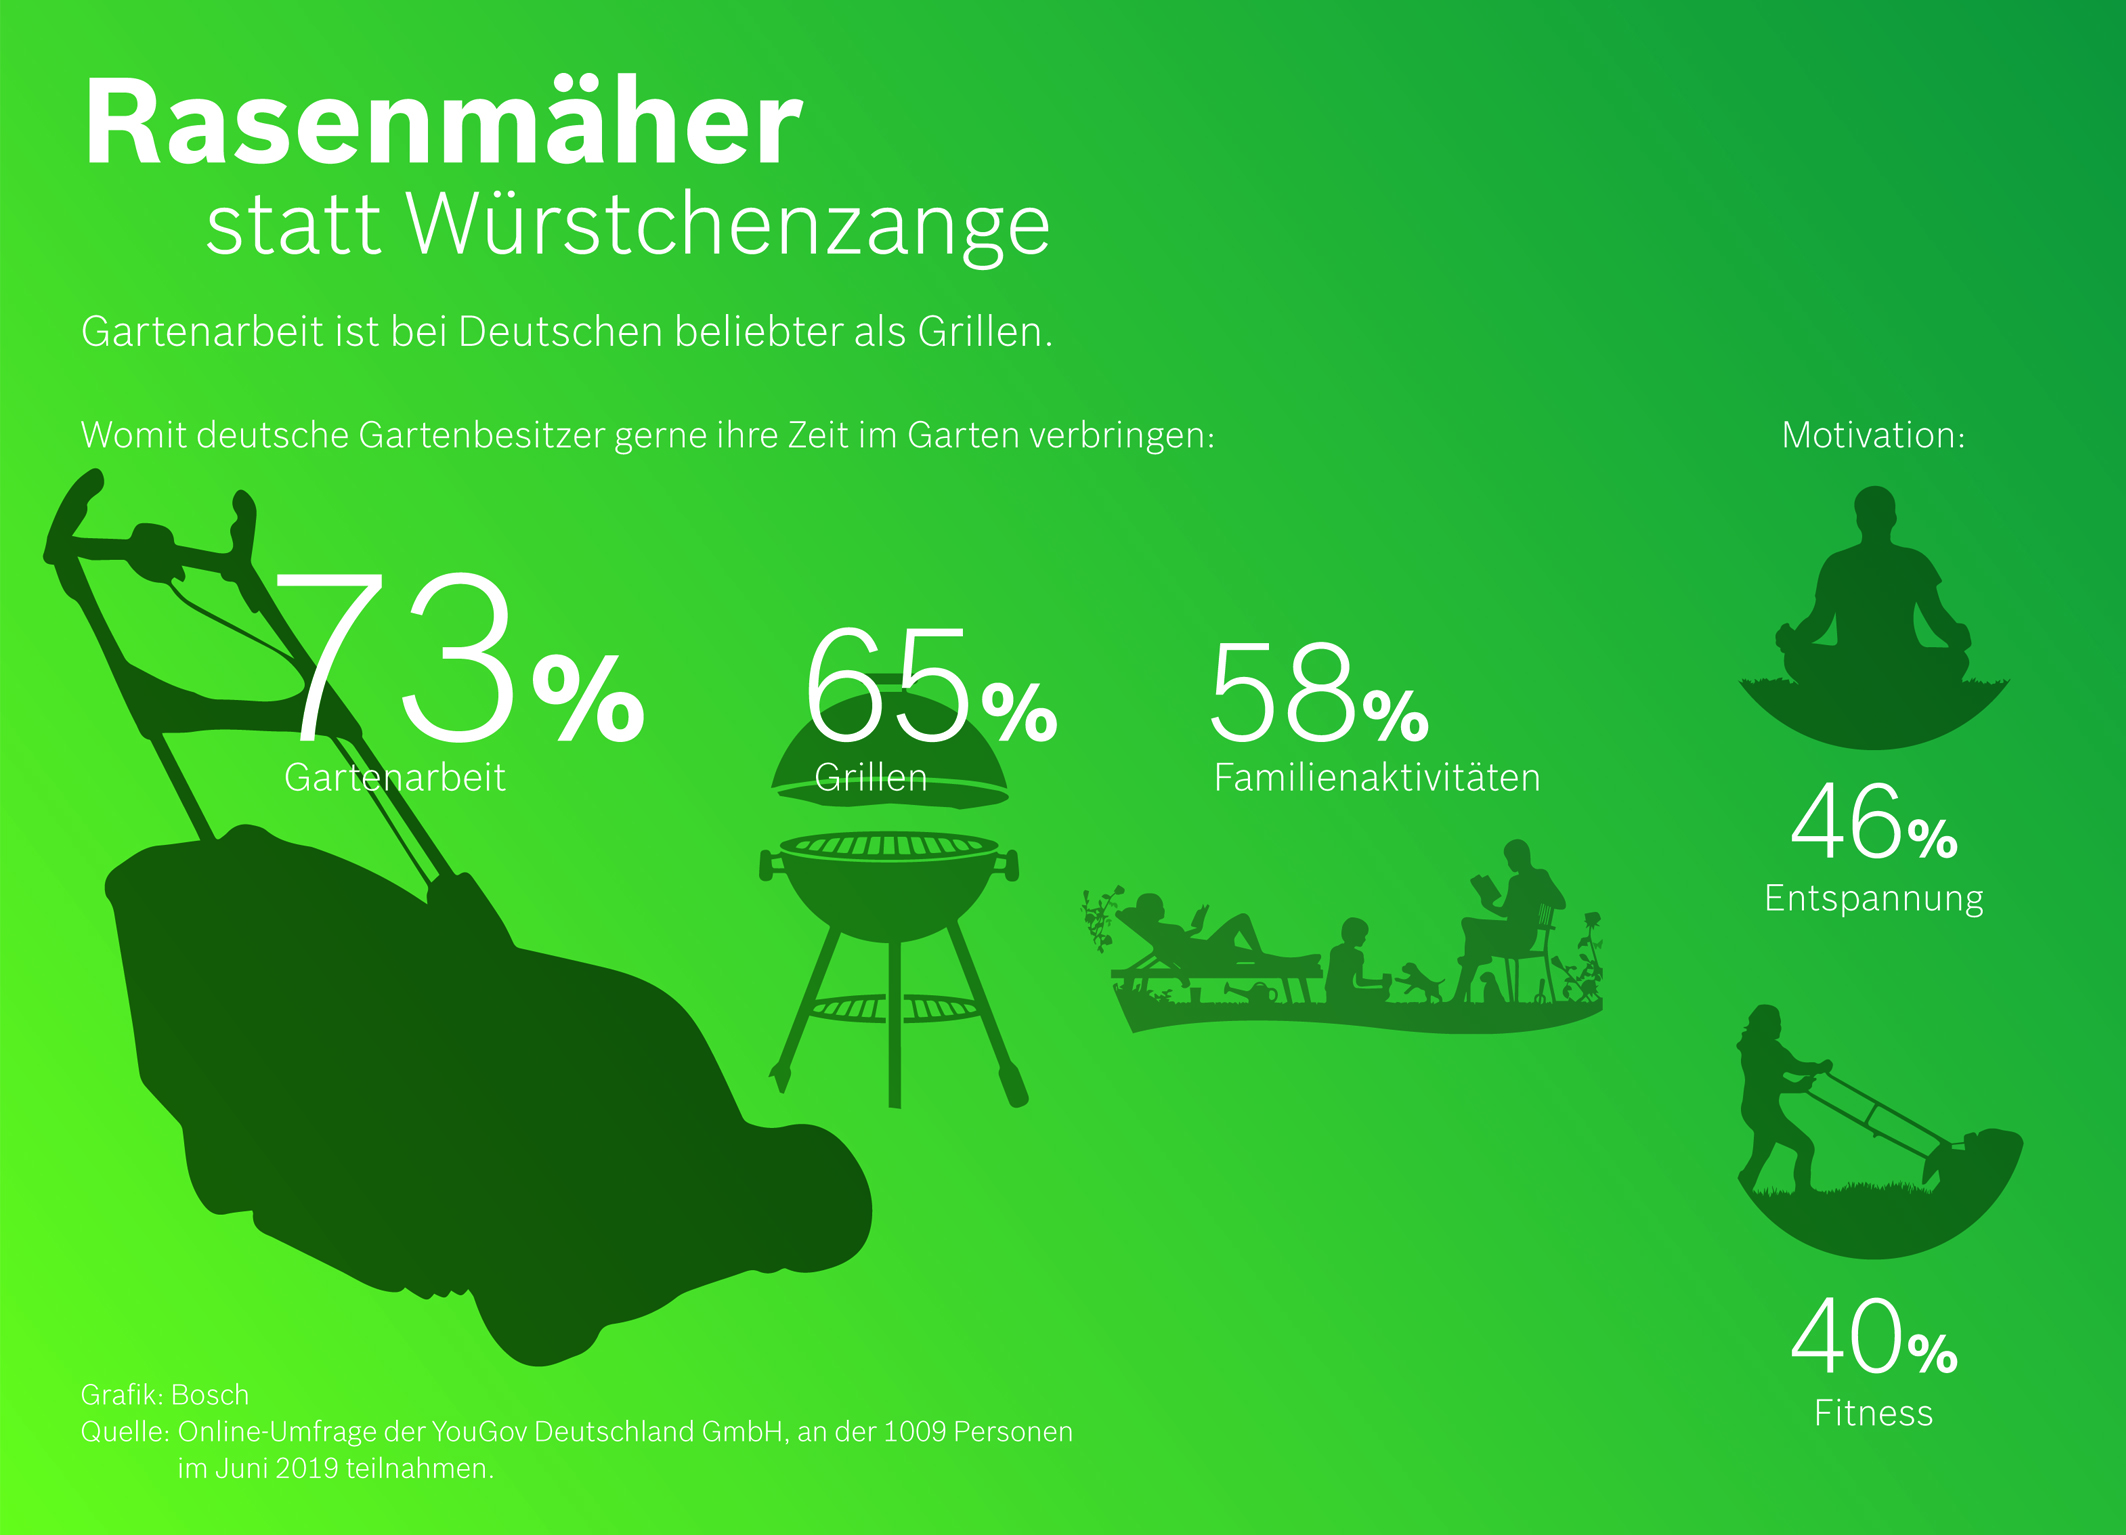 YouGov-Umfrage im Auftrag von Bosch Power Tools: Rasenmäher statt Würstchenzange ‒ Gartenarbeit bei Deutschen beliebter als Grillen